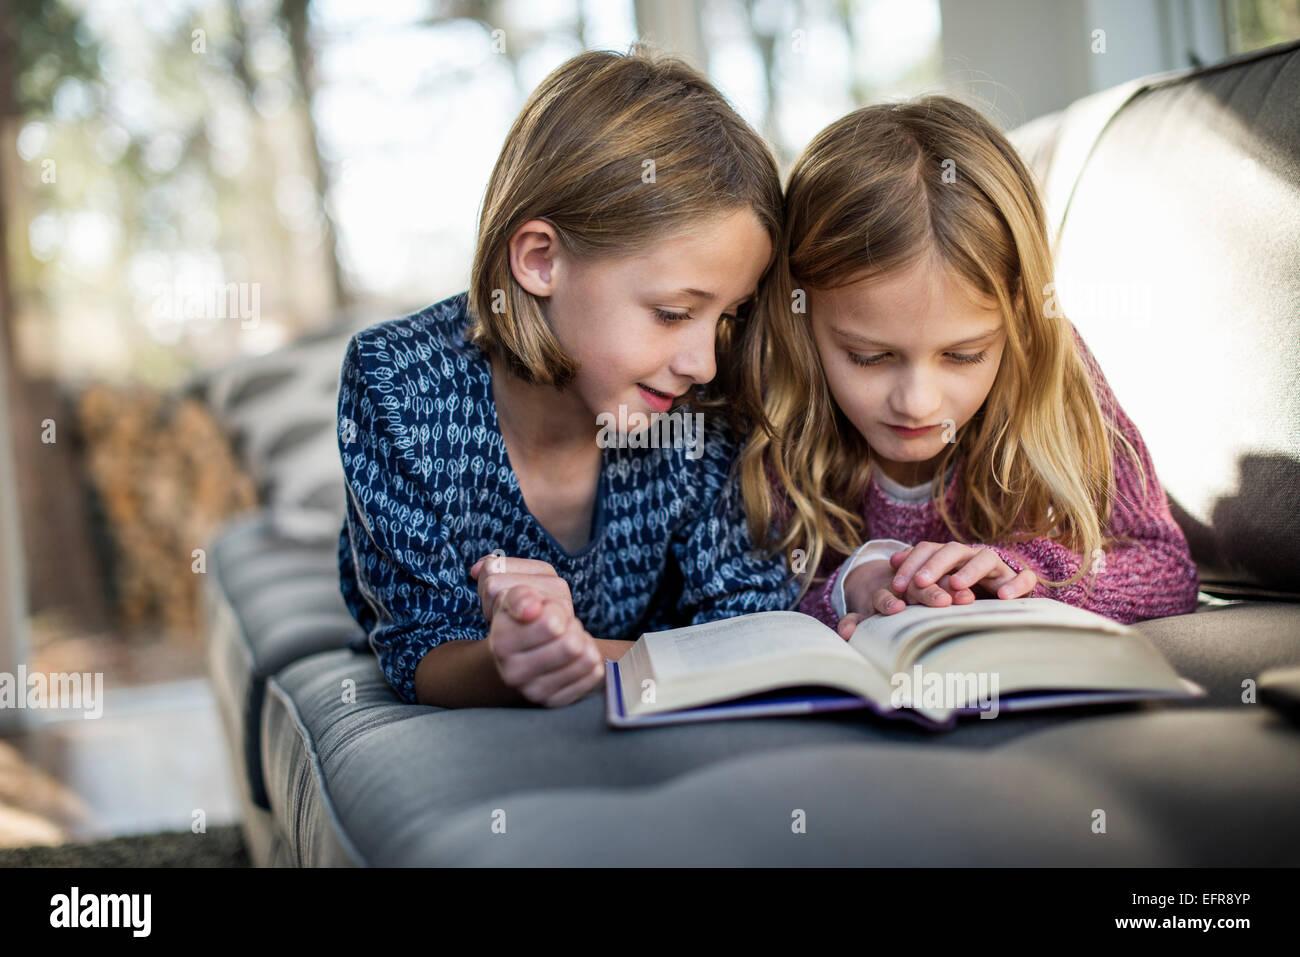 Deux blondes s'allonger sur un canapé, regarder un livre. Photo Stock